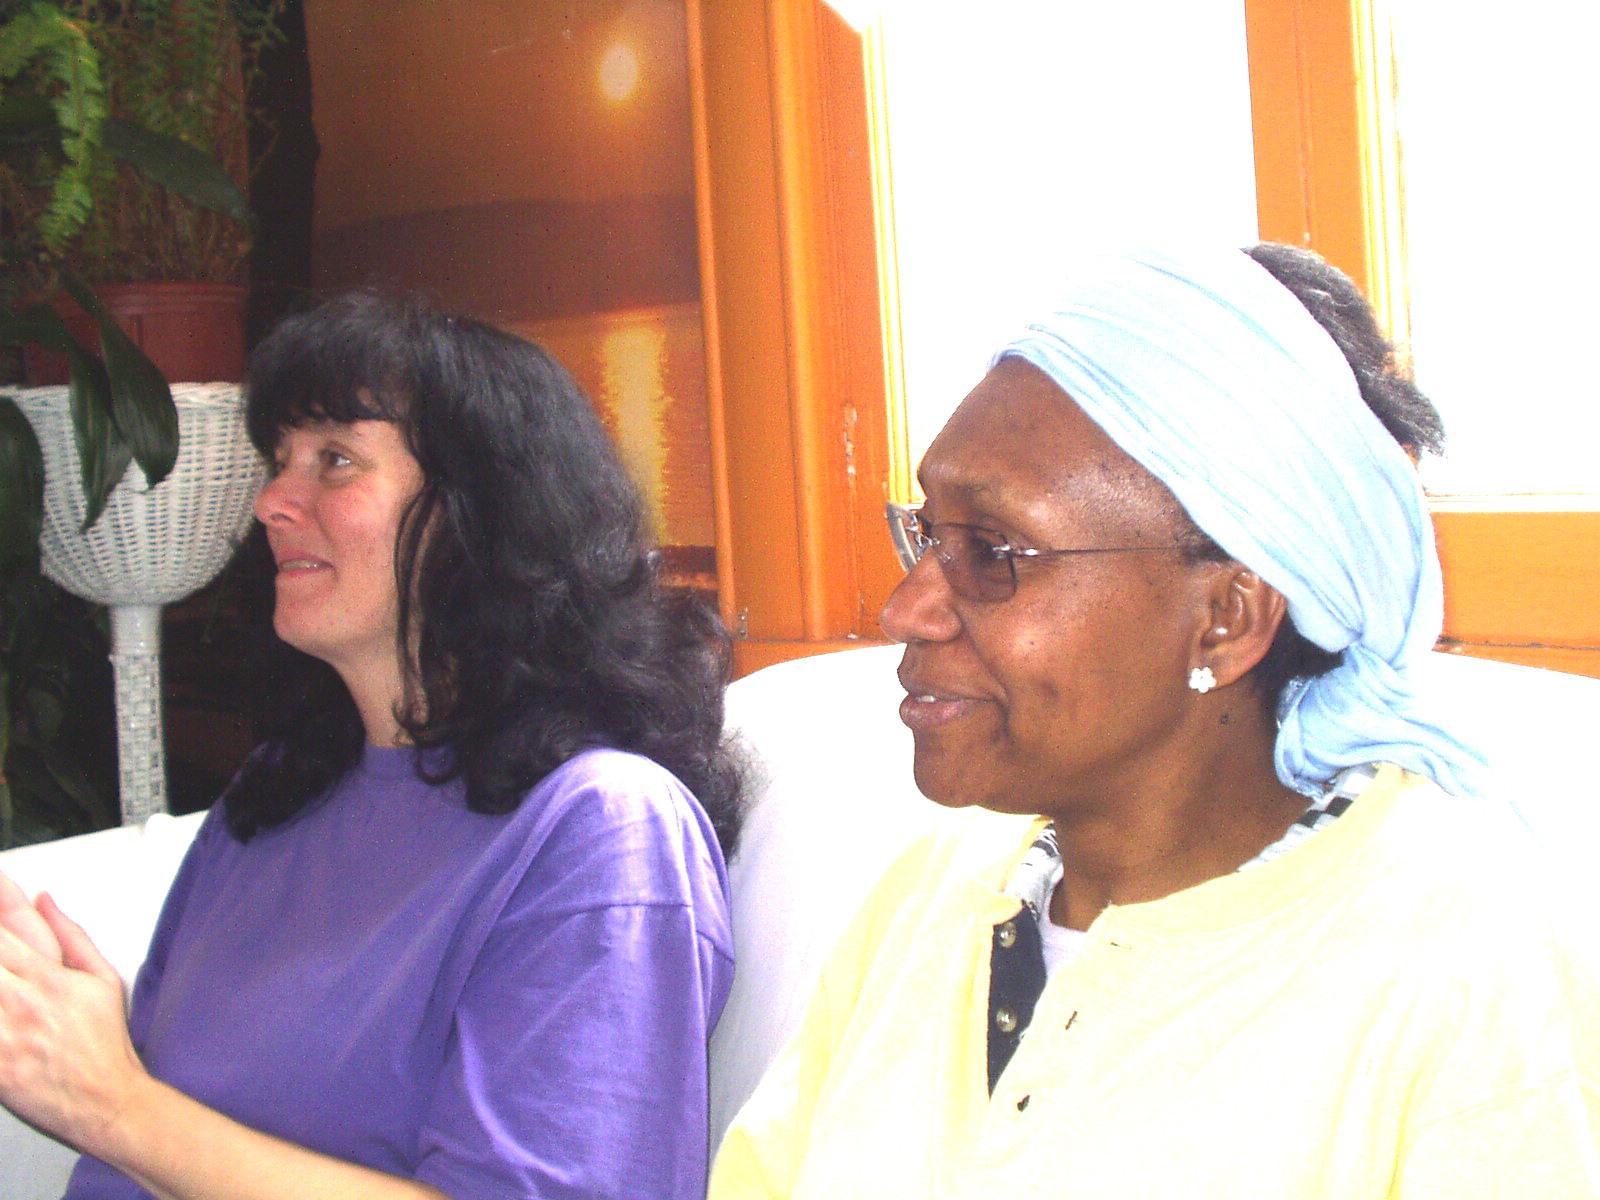 Elisabeth et Clarisse, Lanaudière Qc